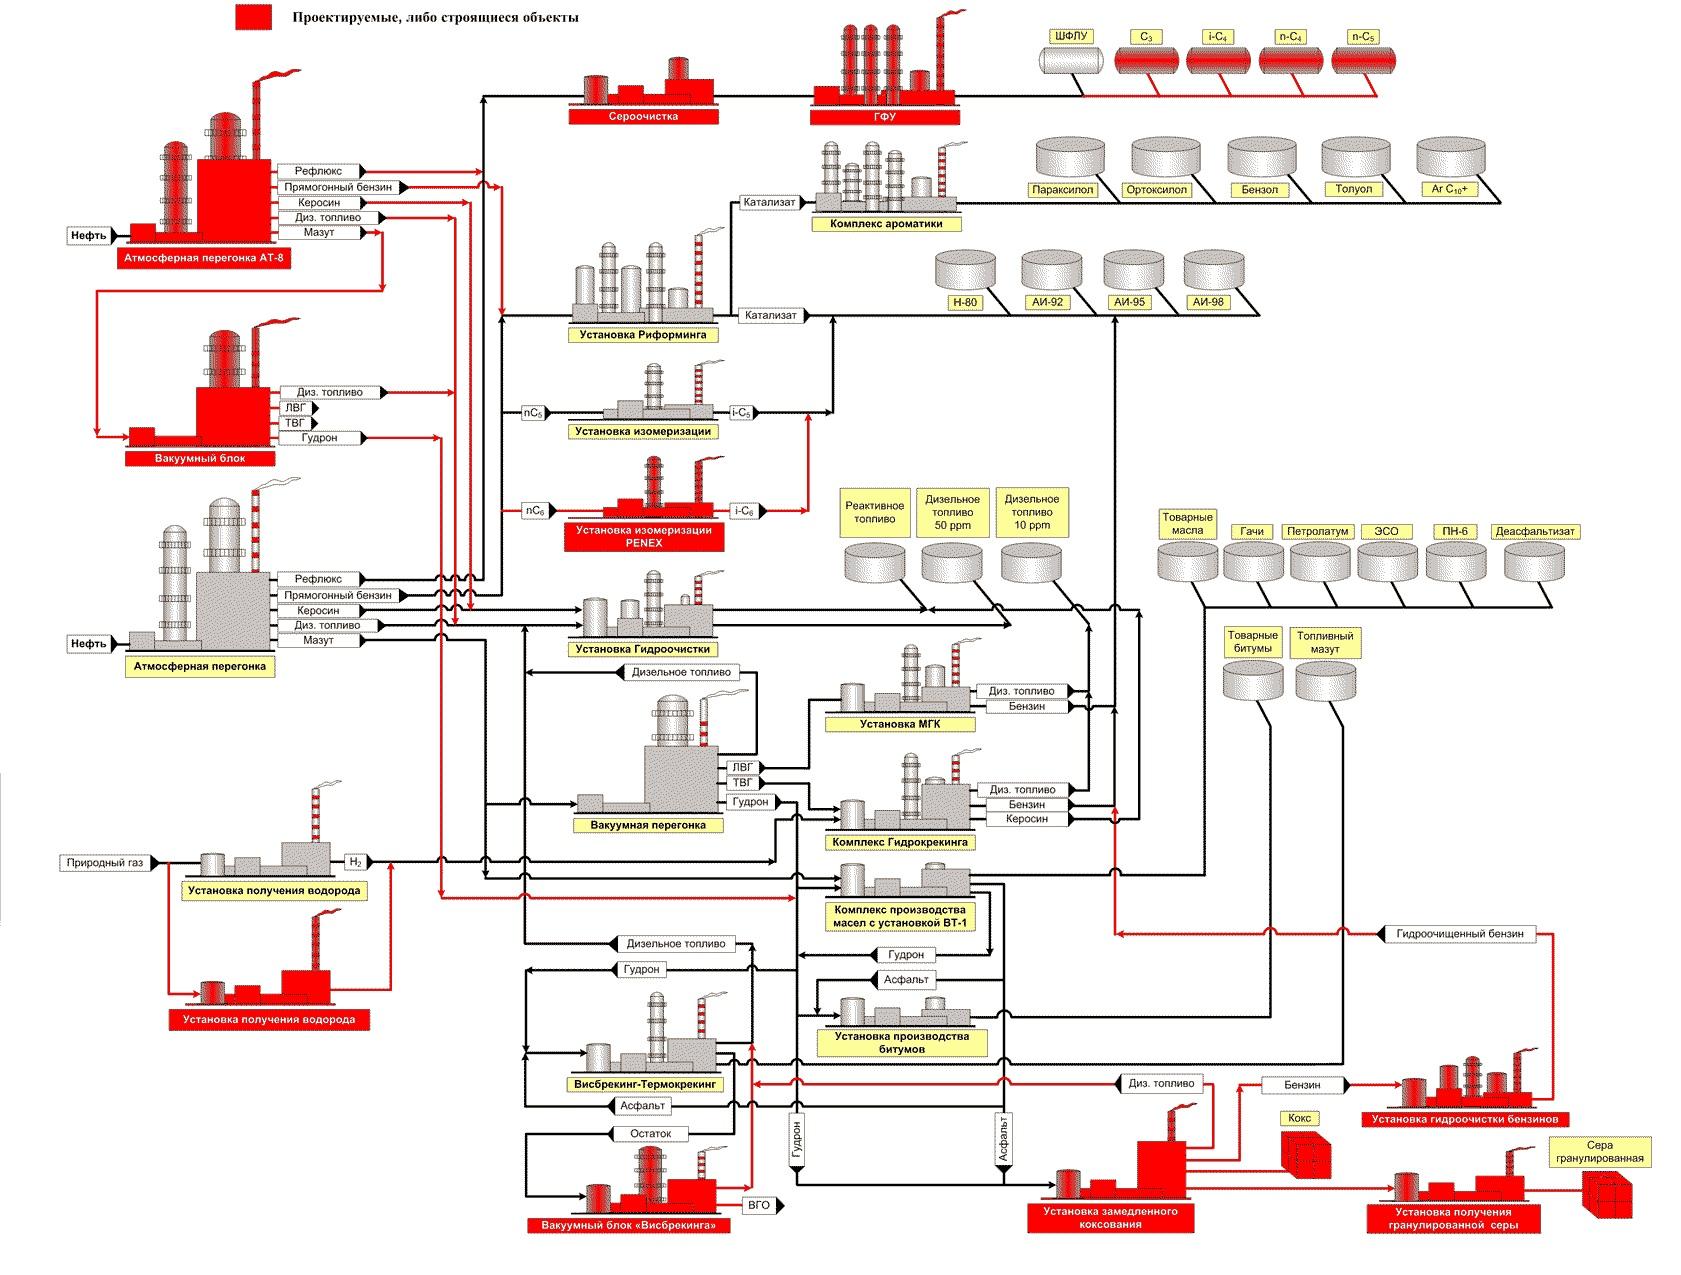 Схема производства масла методом преобразования высокожирных сливок